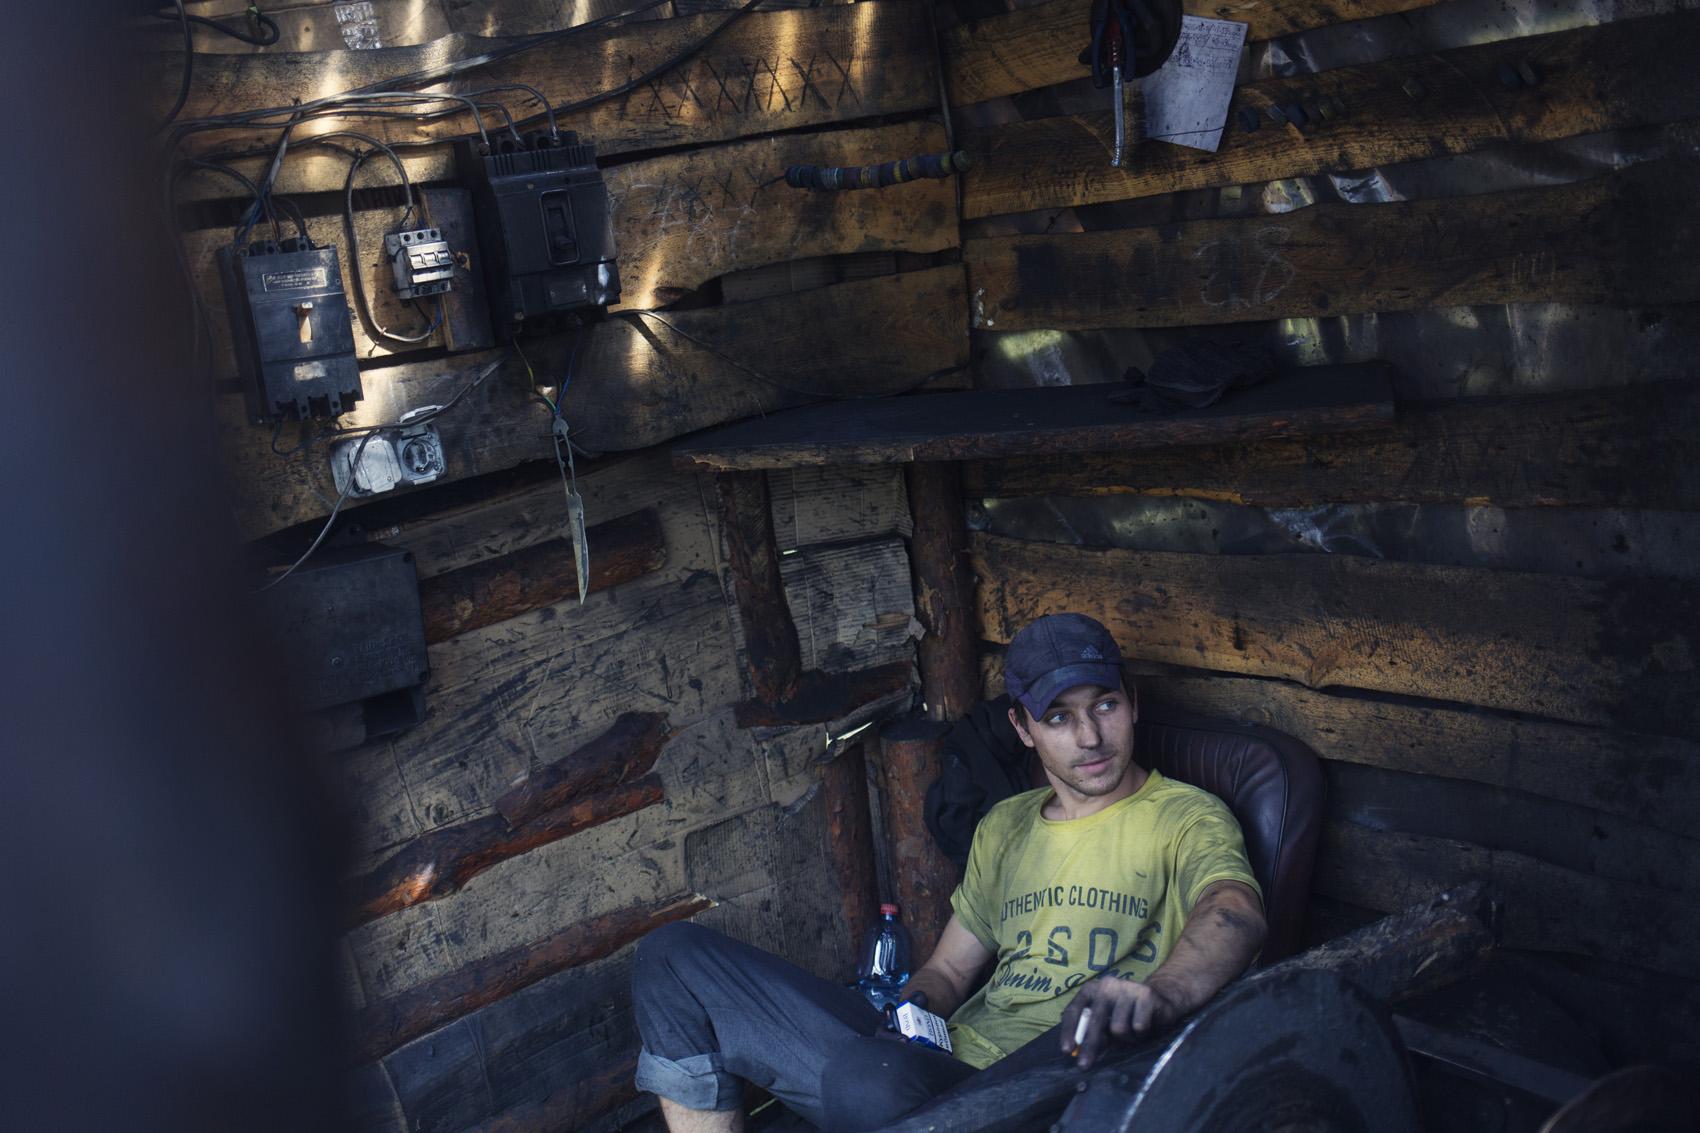 Tolek, 20 ans, travaille dans les mines illégales depuis qu'il a 14 ans. La mine dans laquelle il travaille a désormais été légalisée par les rebelles. (photo Kyrre Lien/8e étage)